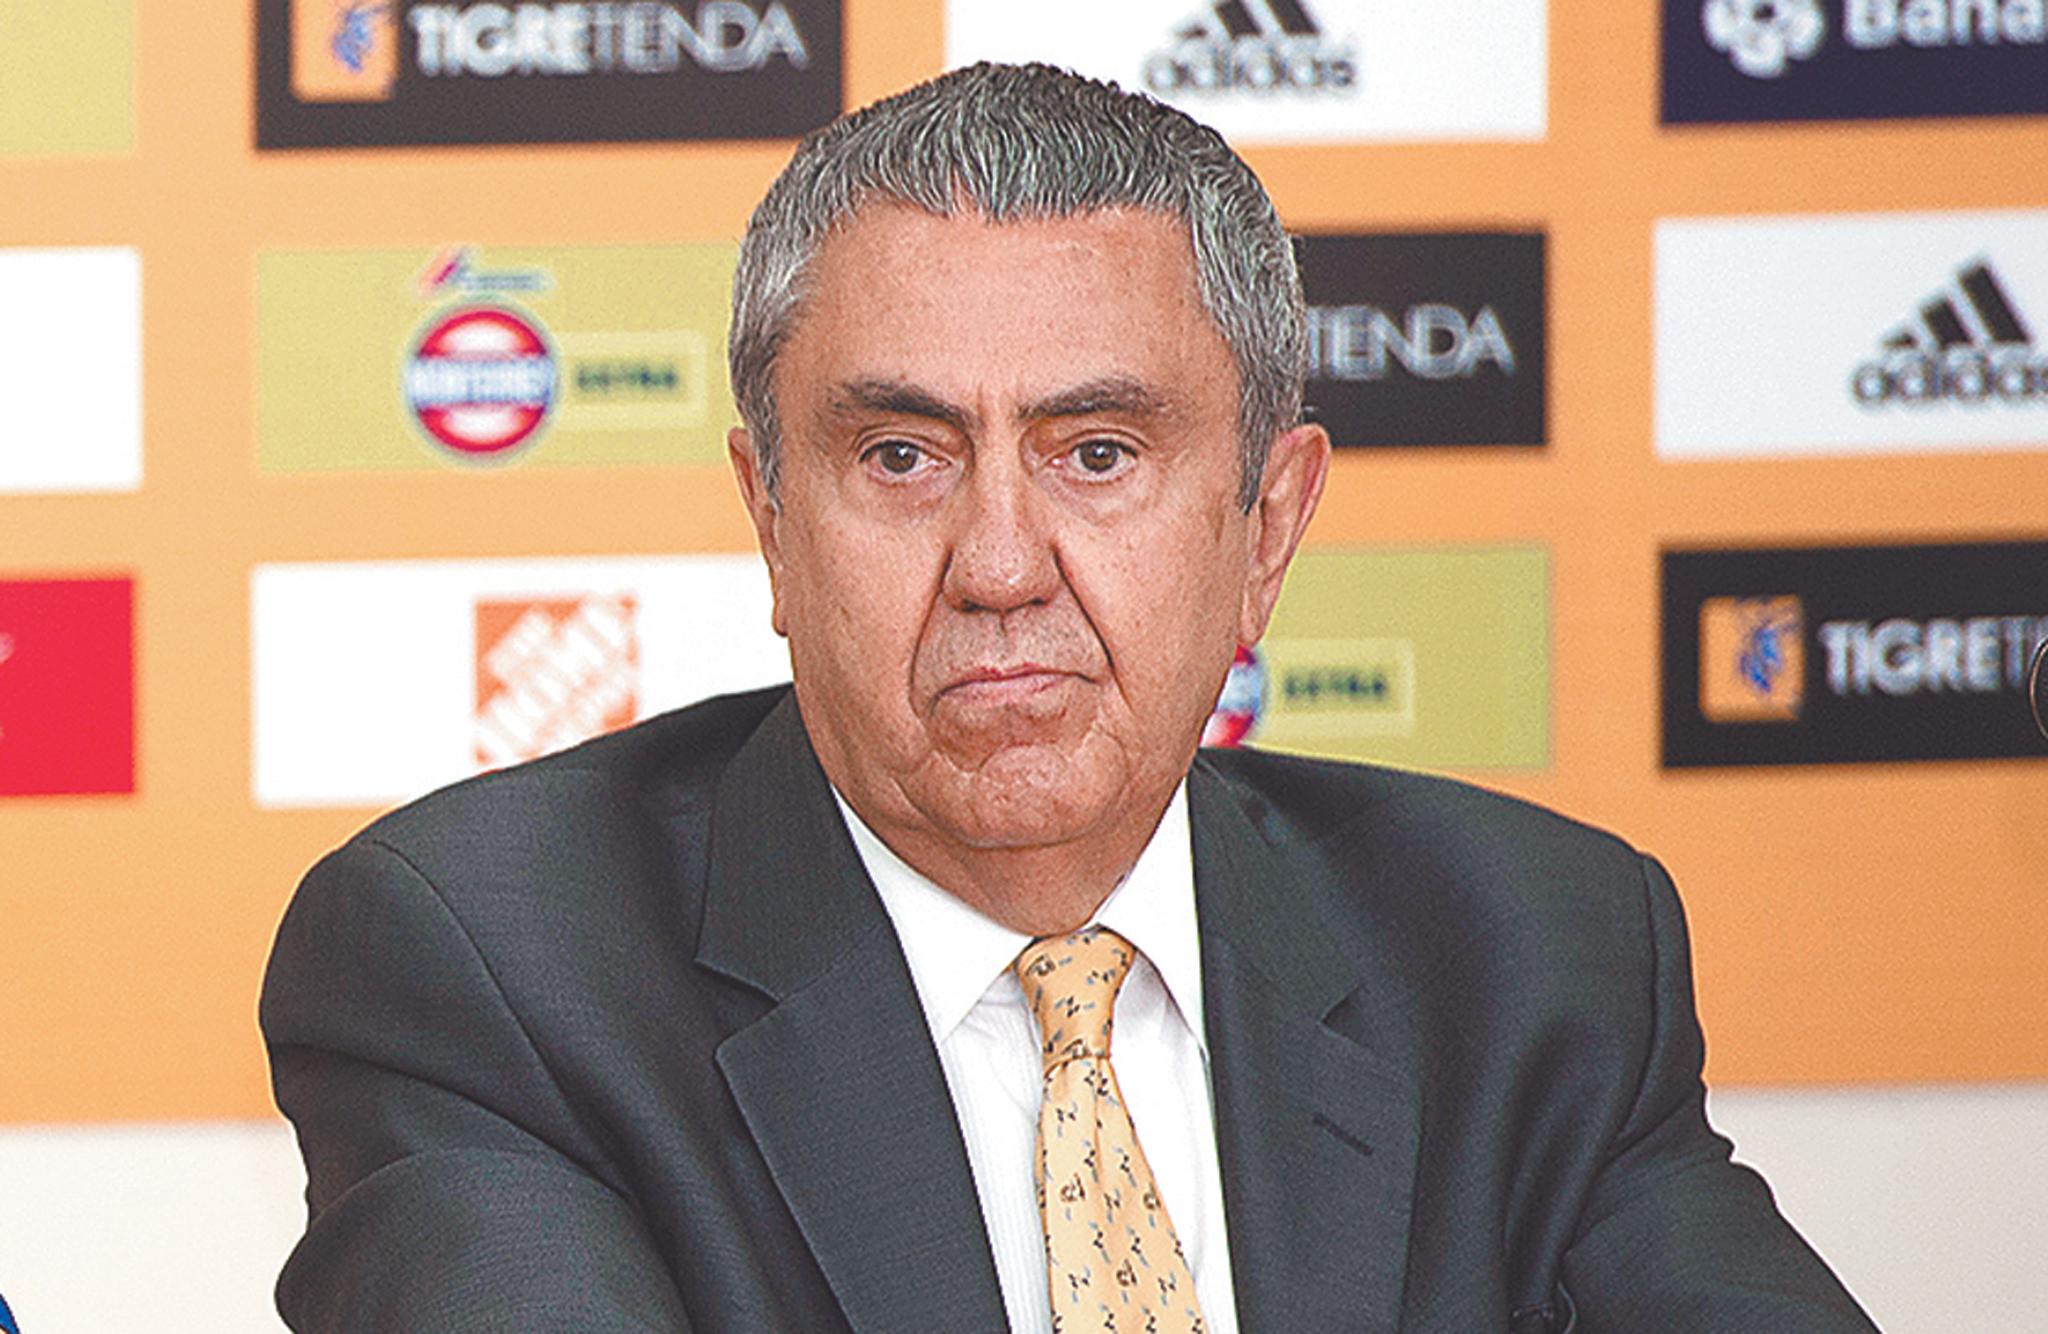 Tigres anuncia salida de Miguel Ángel Garza, vuelve Alejandro ''Inge'' Rodríguez